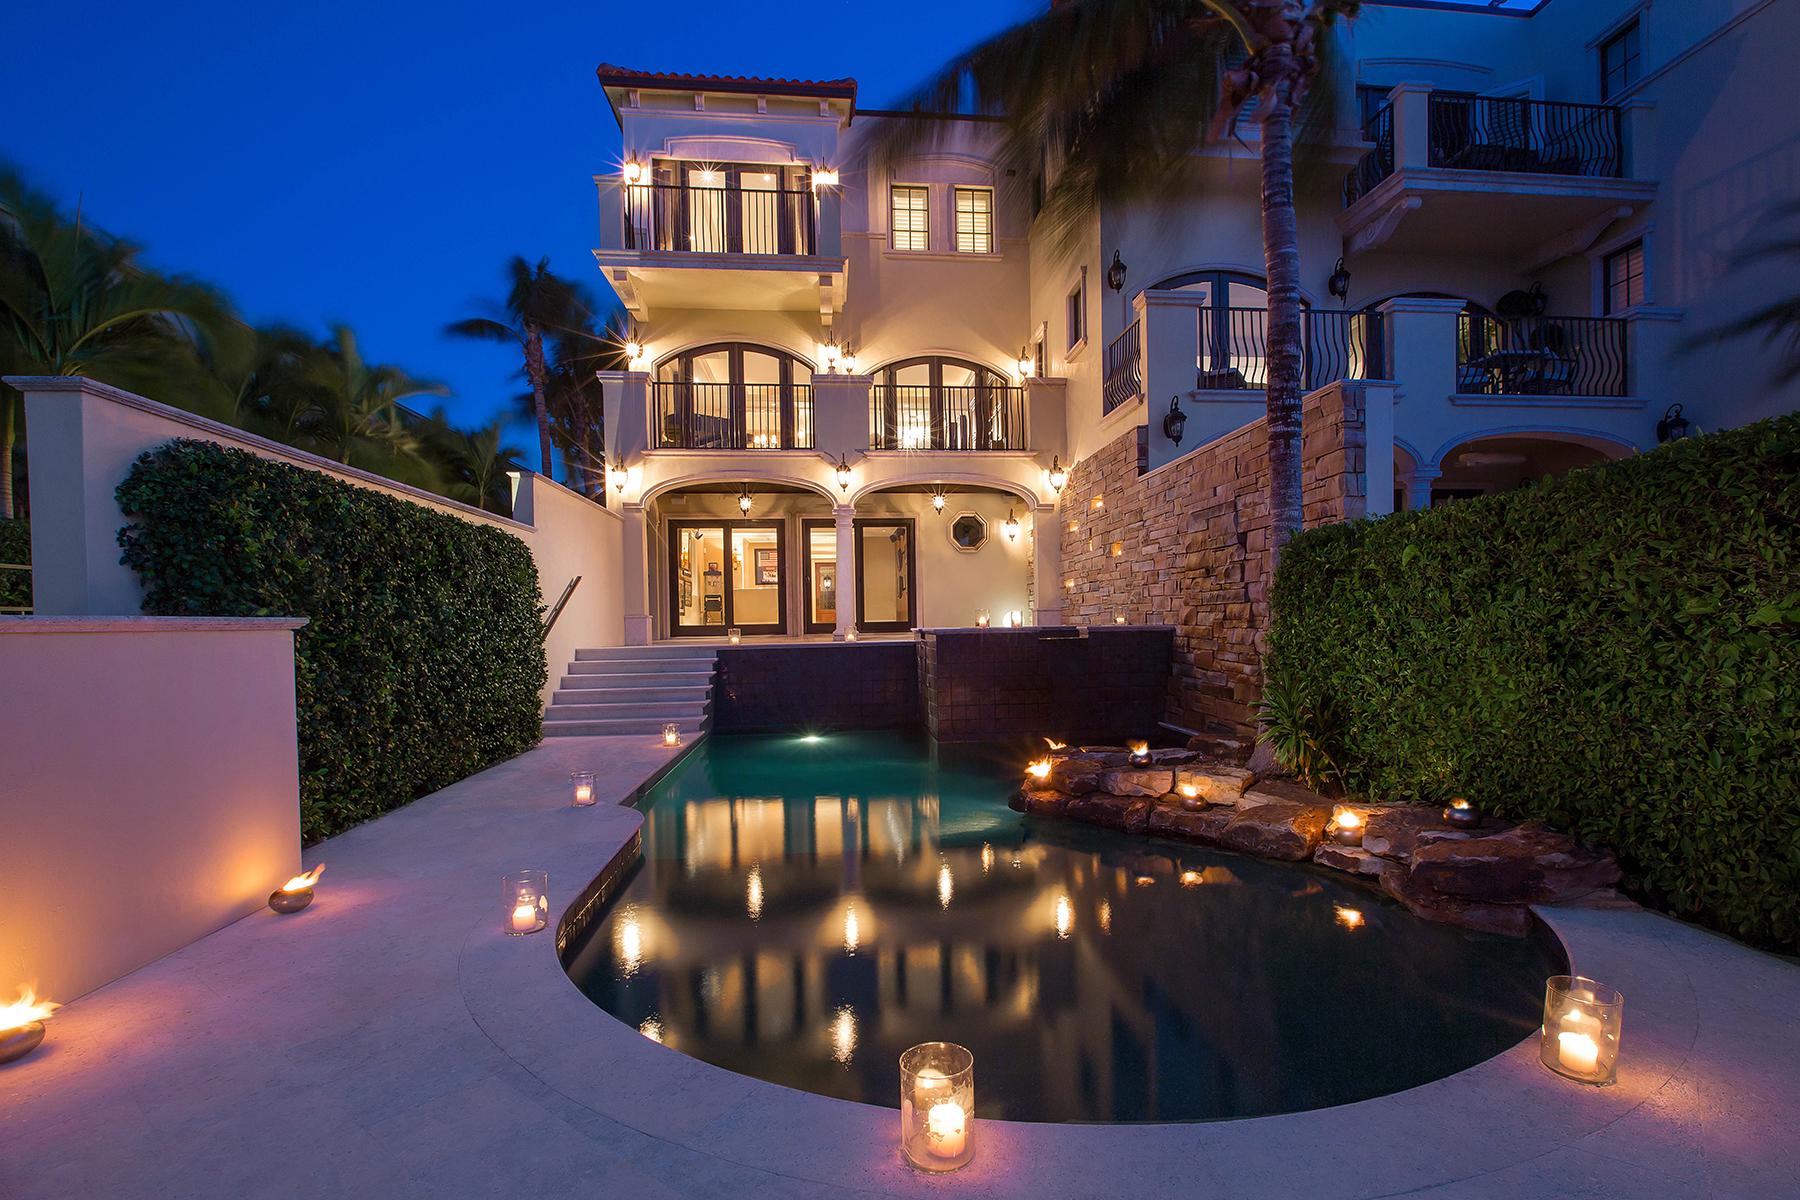 Таунхаус для того Продажа на Vista Royale 271 Harbour Dr 1, Naples, Флорида 34103 Соединенные Штаты